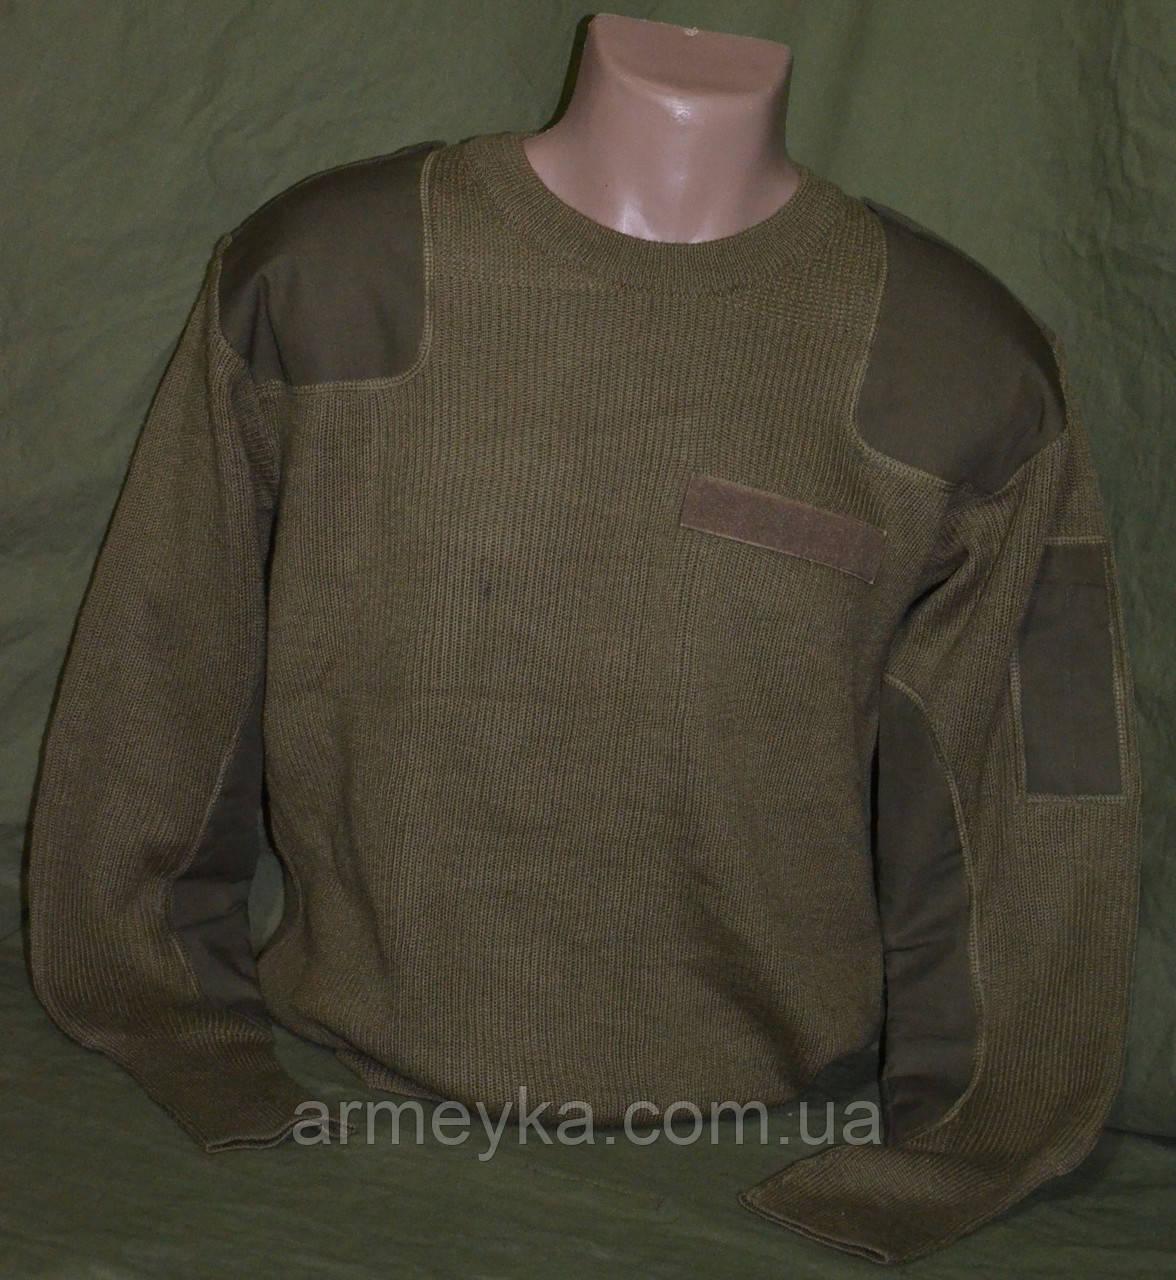 Шерстянной свитер с круглым воротом, олива. Италия, оригинал.